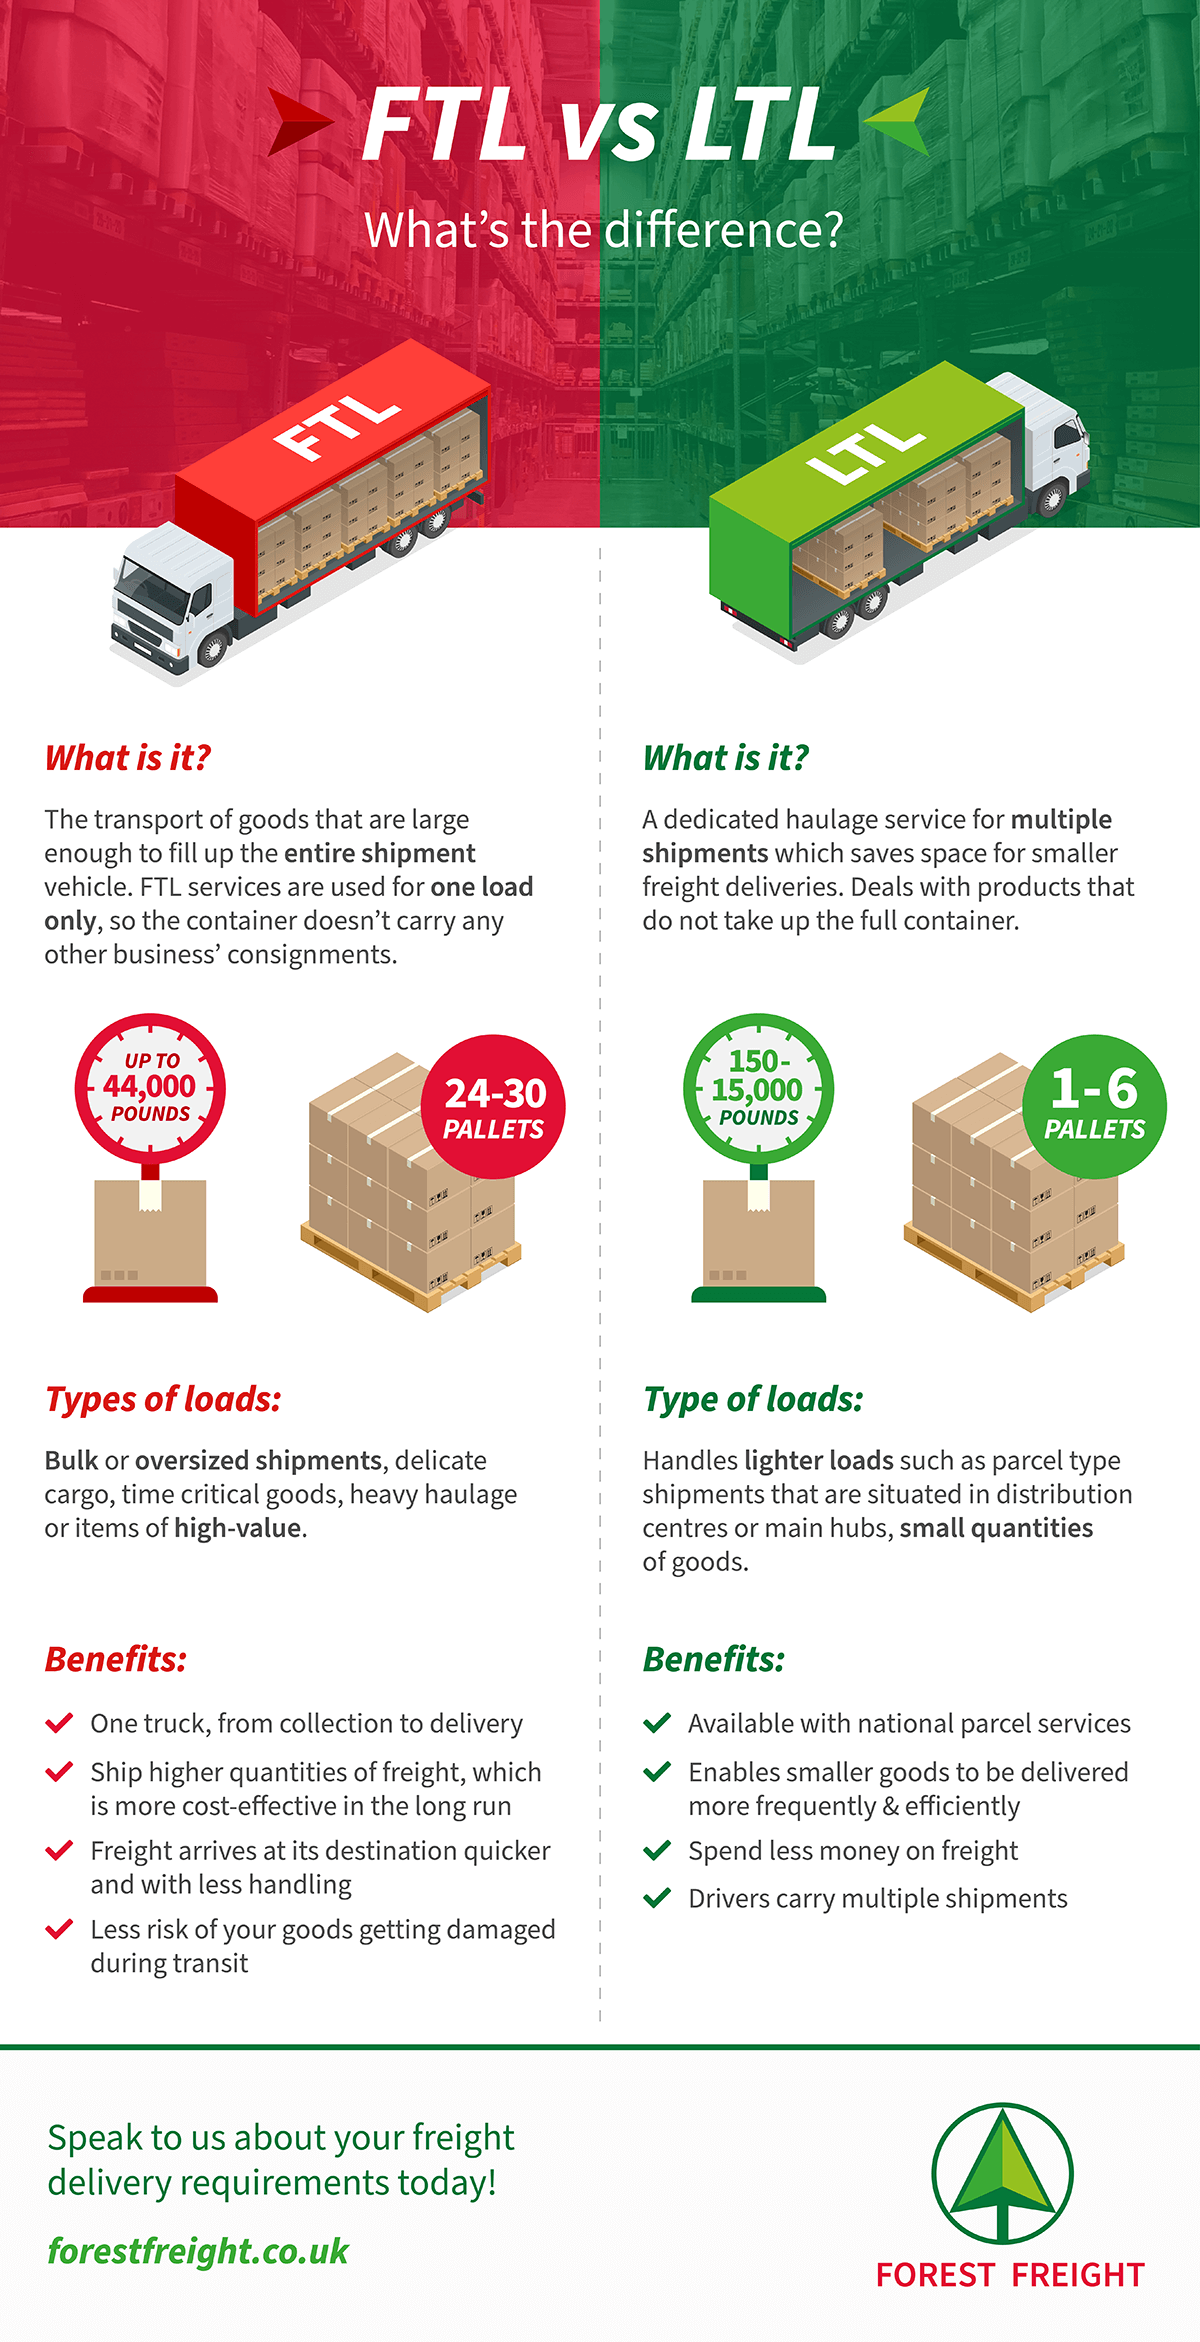 Forest-Freight-FTL-vs-LTL